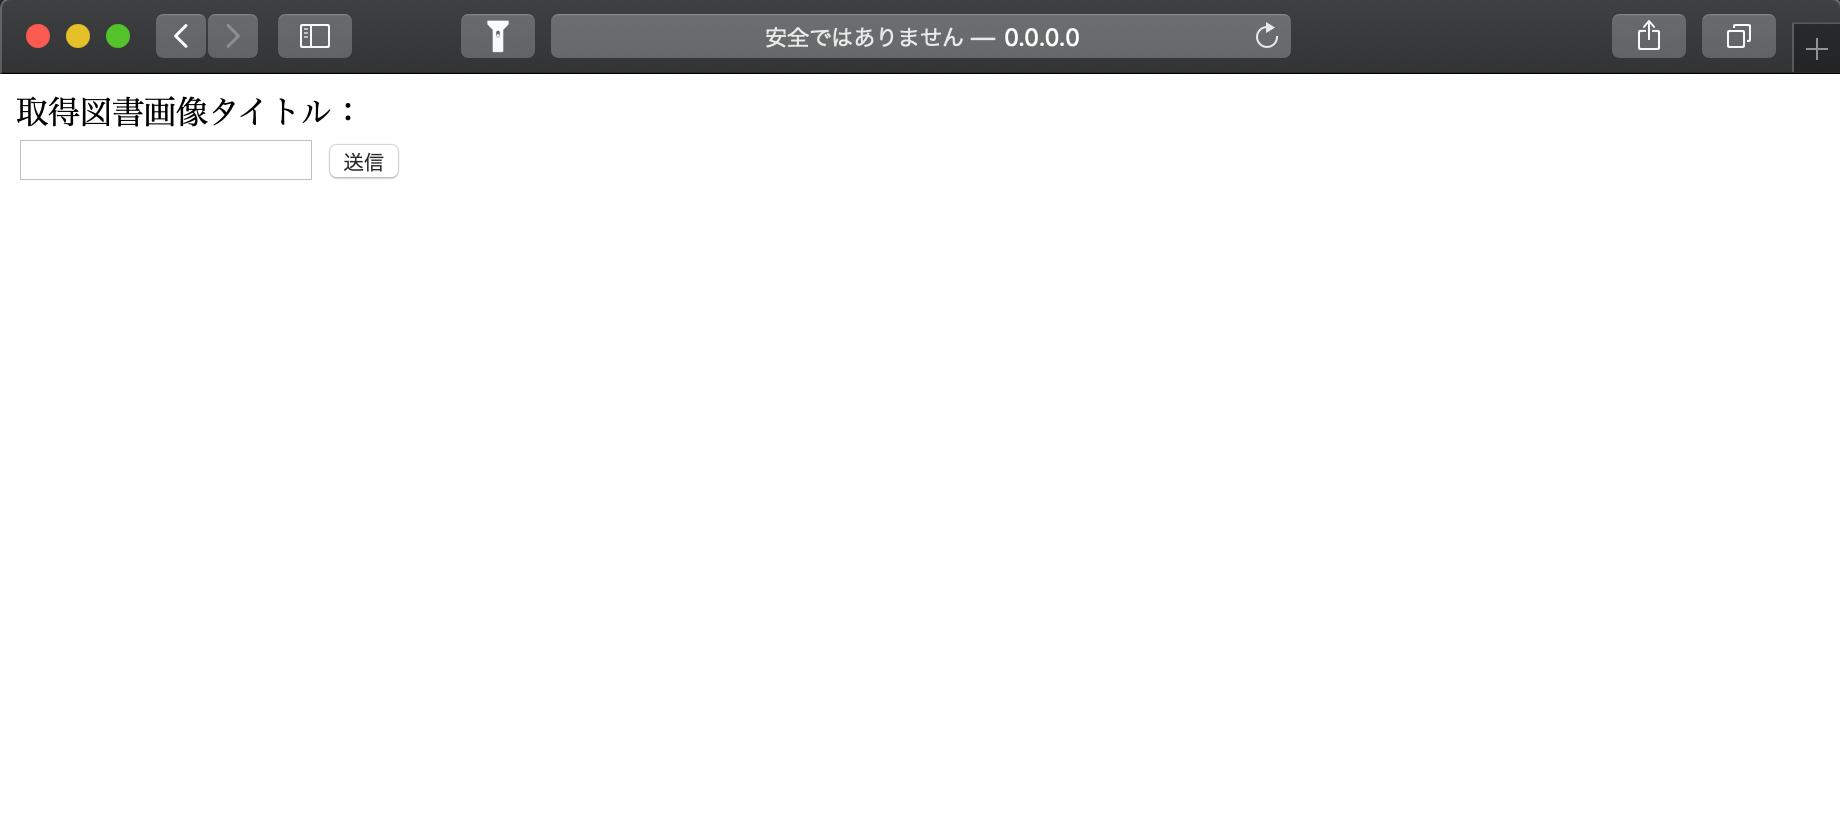 スクリーンショット 2020-04-03 21.20.59.png